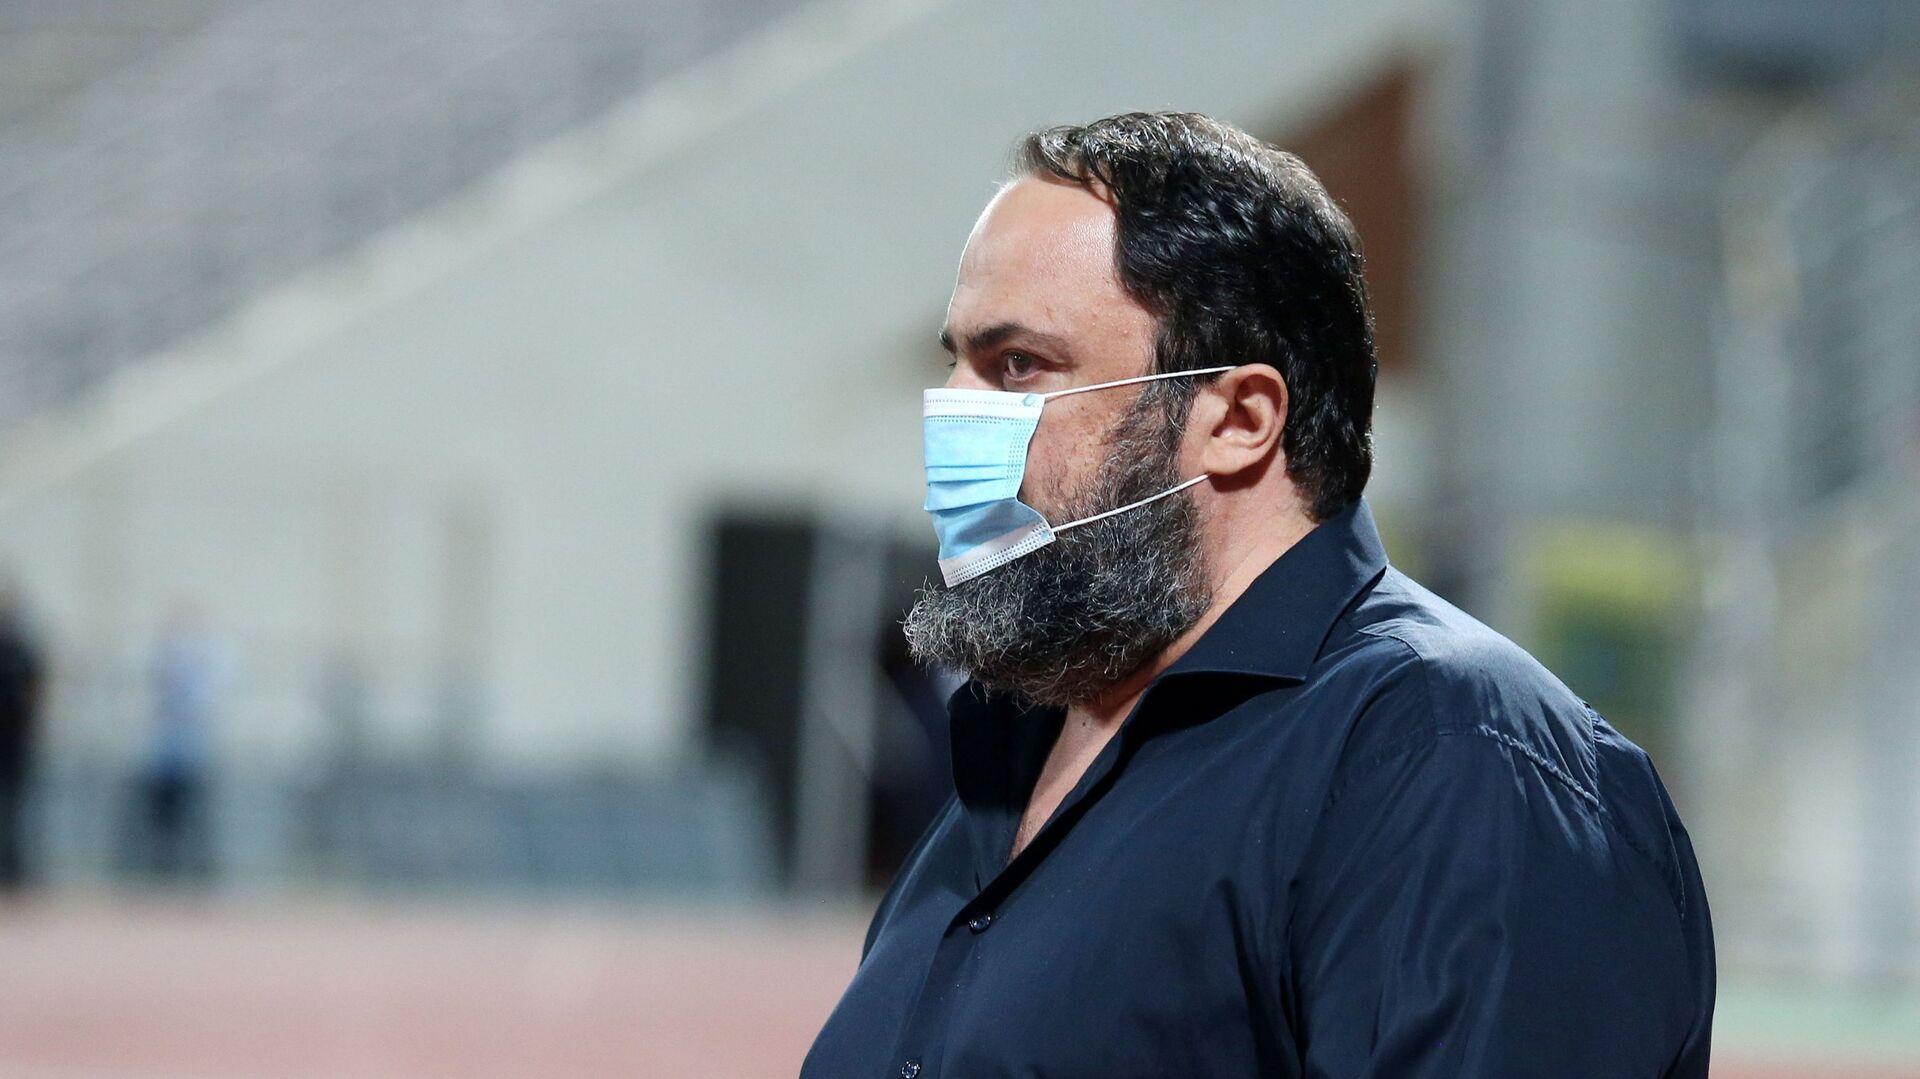 Ο Βαγγέλης Μαρινάκης με μάσκα - Sputnik Ελλάδα, 1920, 14.10.2021